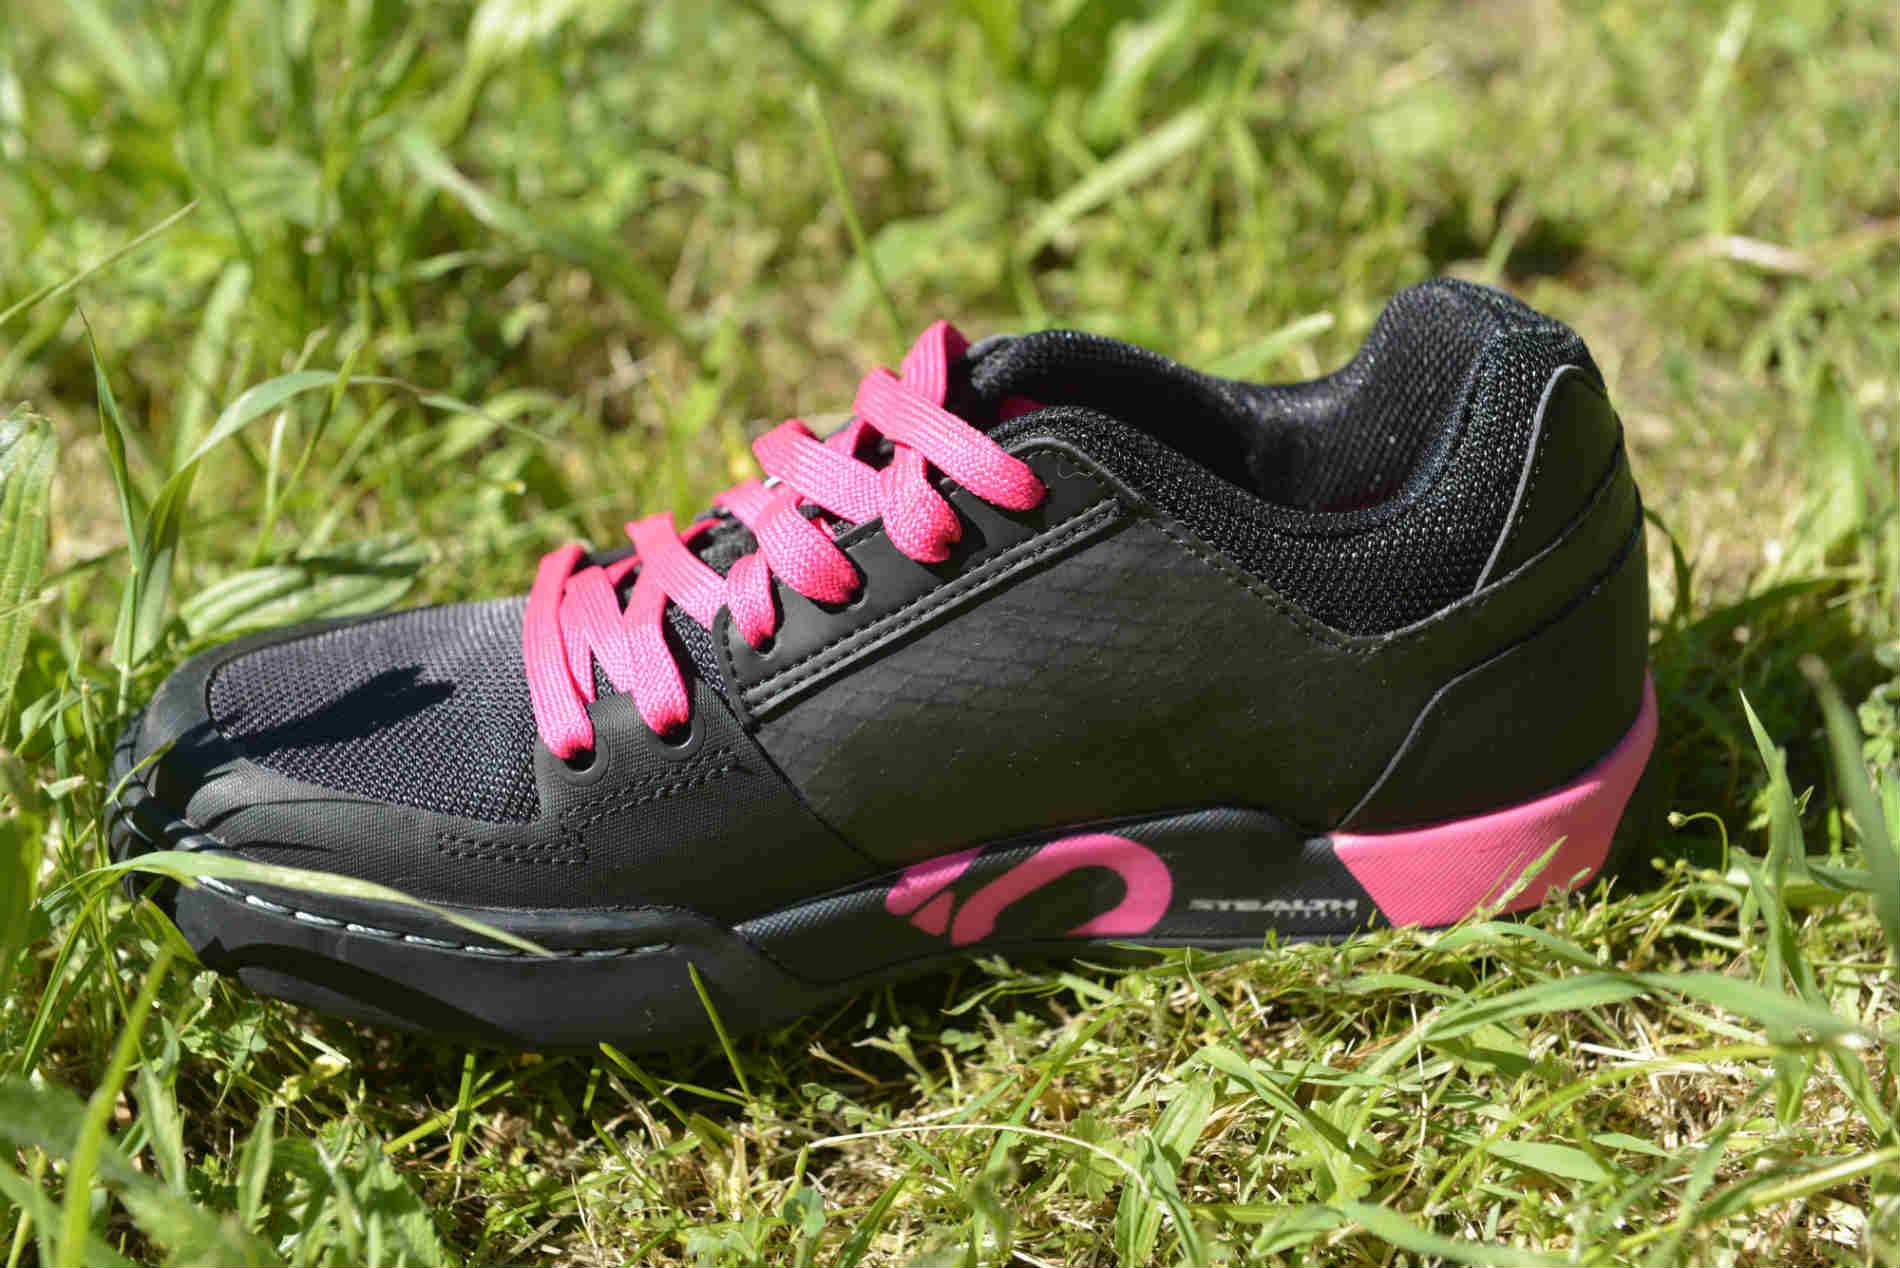 Chaussure VTT FEMME enduro DH five ten freerider contact women's